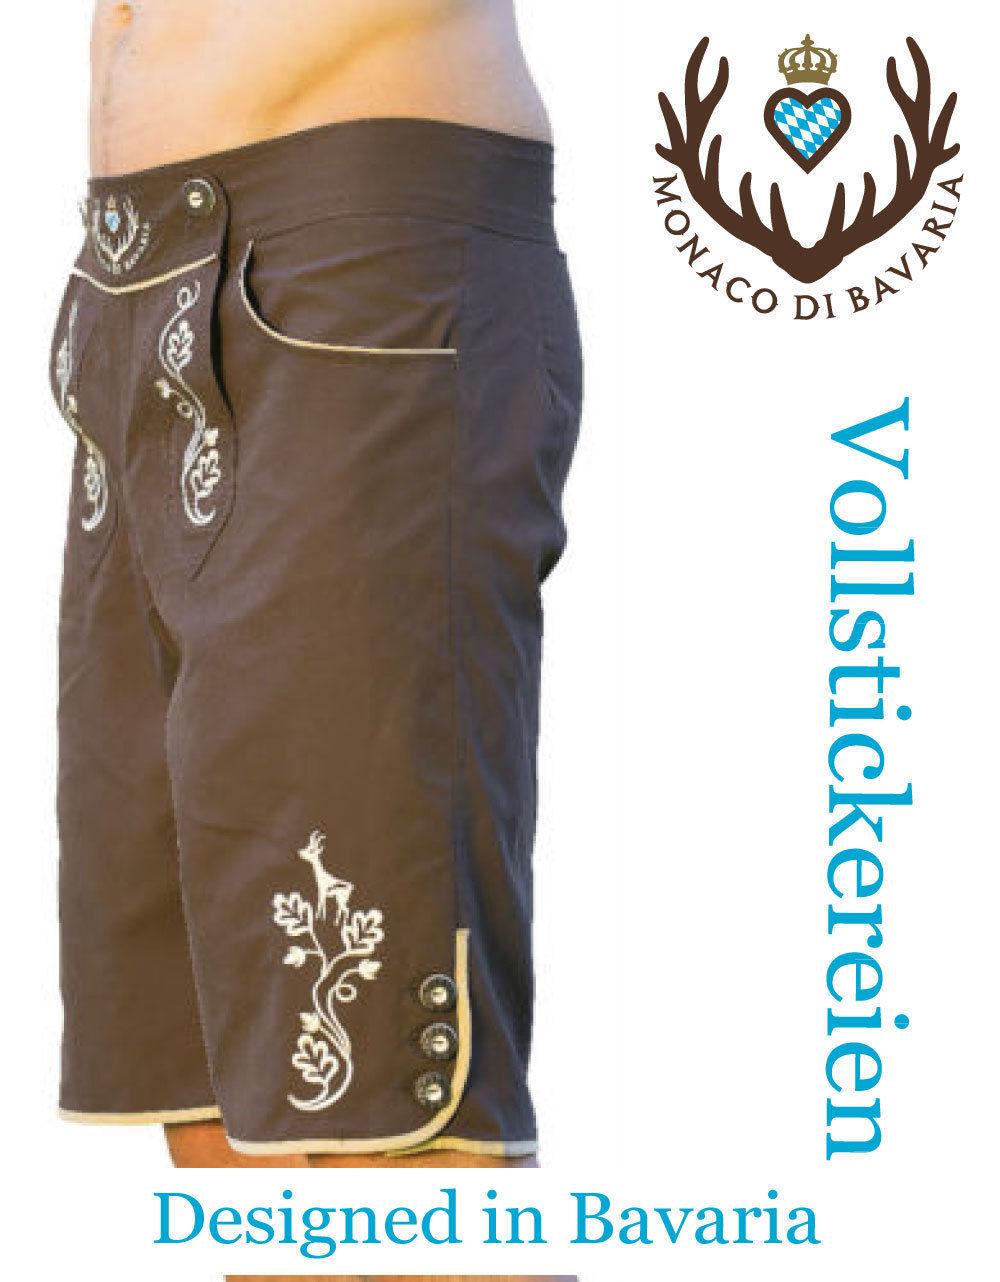 Original, Tracht, pantalones de cuero, pantalones cortos,  bermudas shorts, traje de baño, badelederhose,  disfruta ahorrando 30-50% de descuento